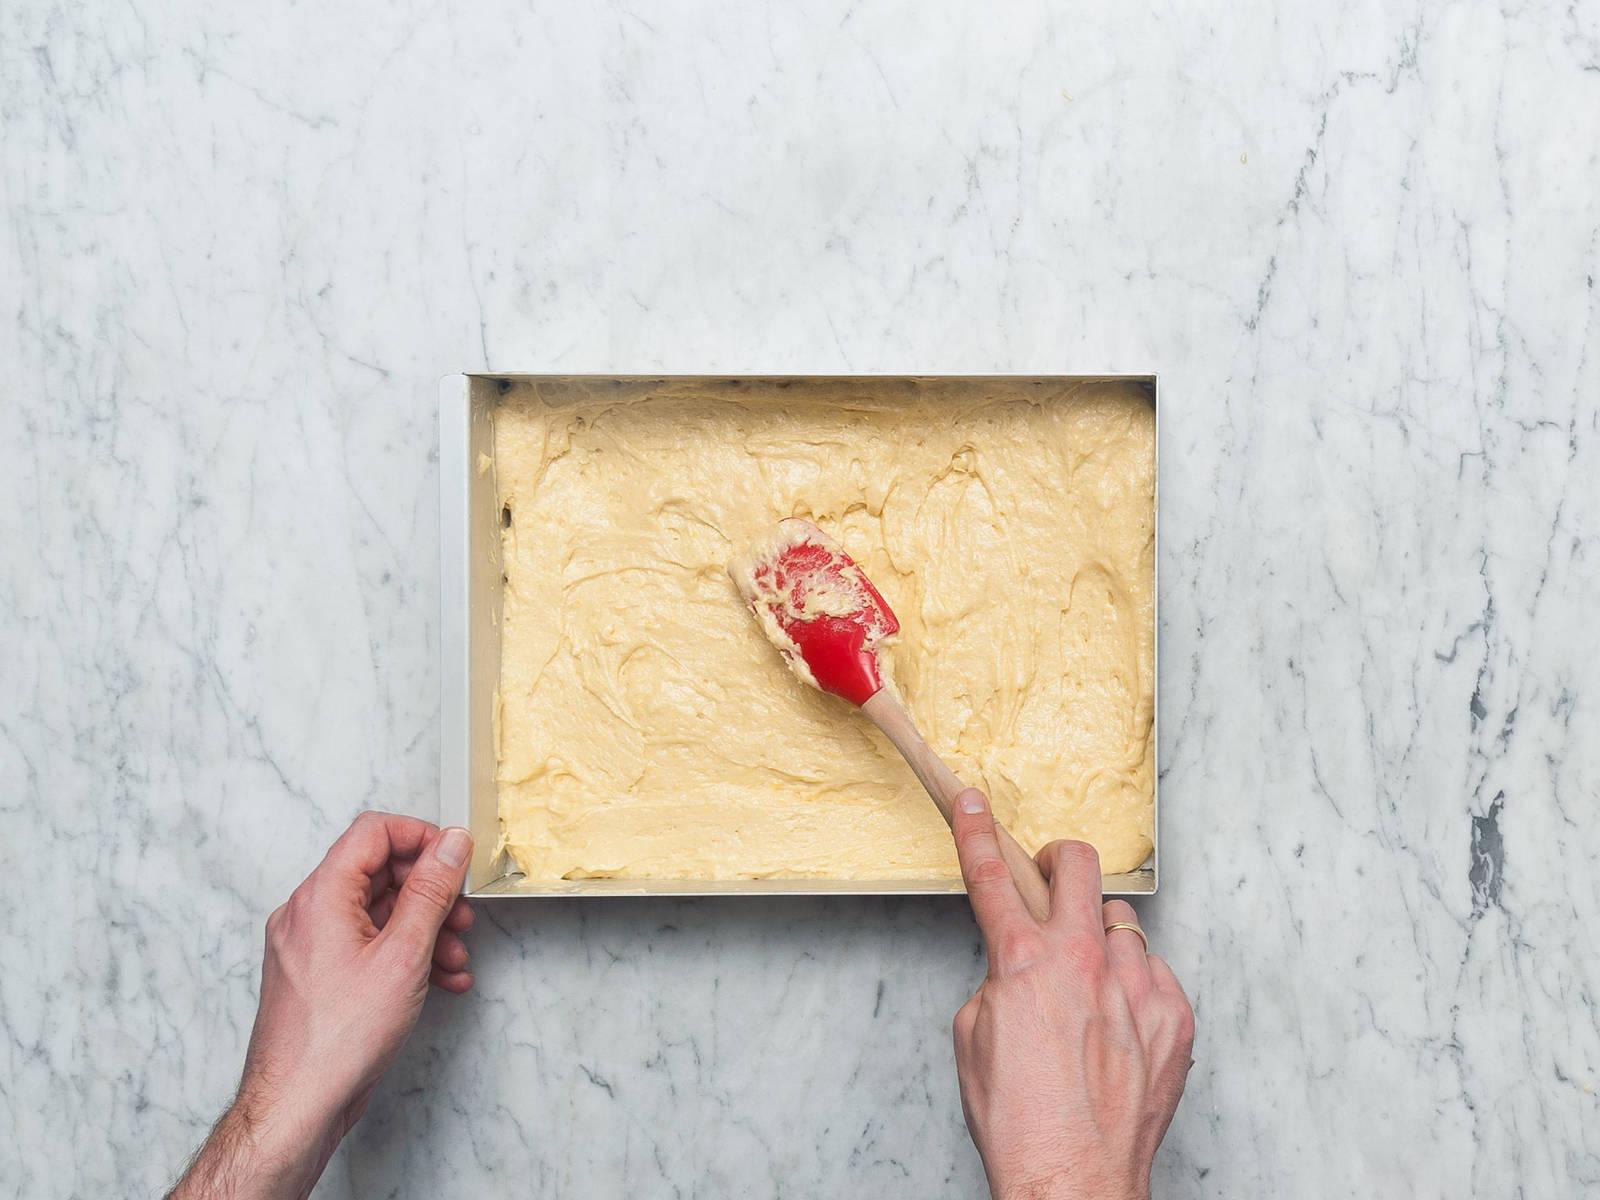 将面糊倒入蛋糕烤盘中,抹匀,然后以180℃烤20-30分钟。放凉10分钟,然后转移到冷却架上放至完全冷却。